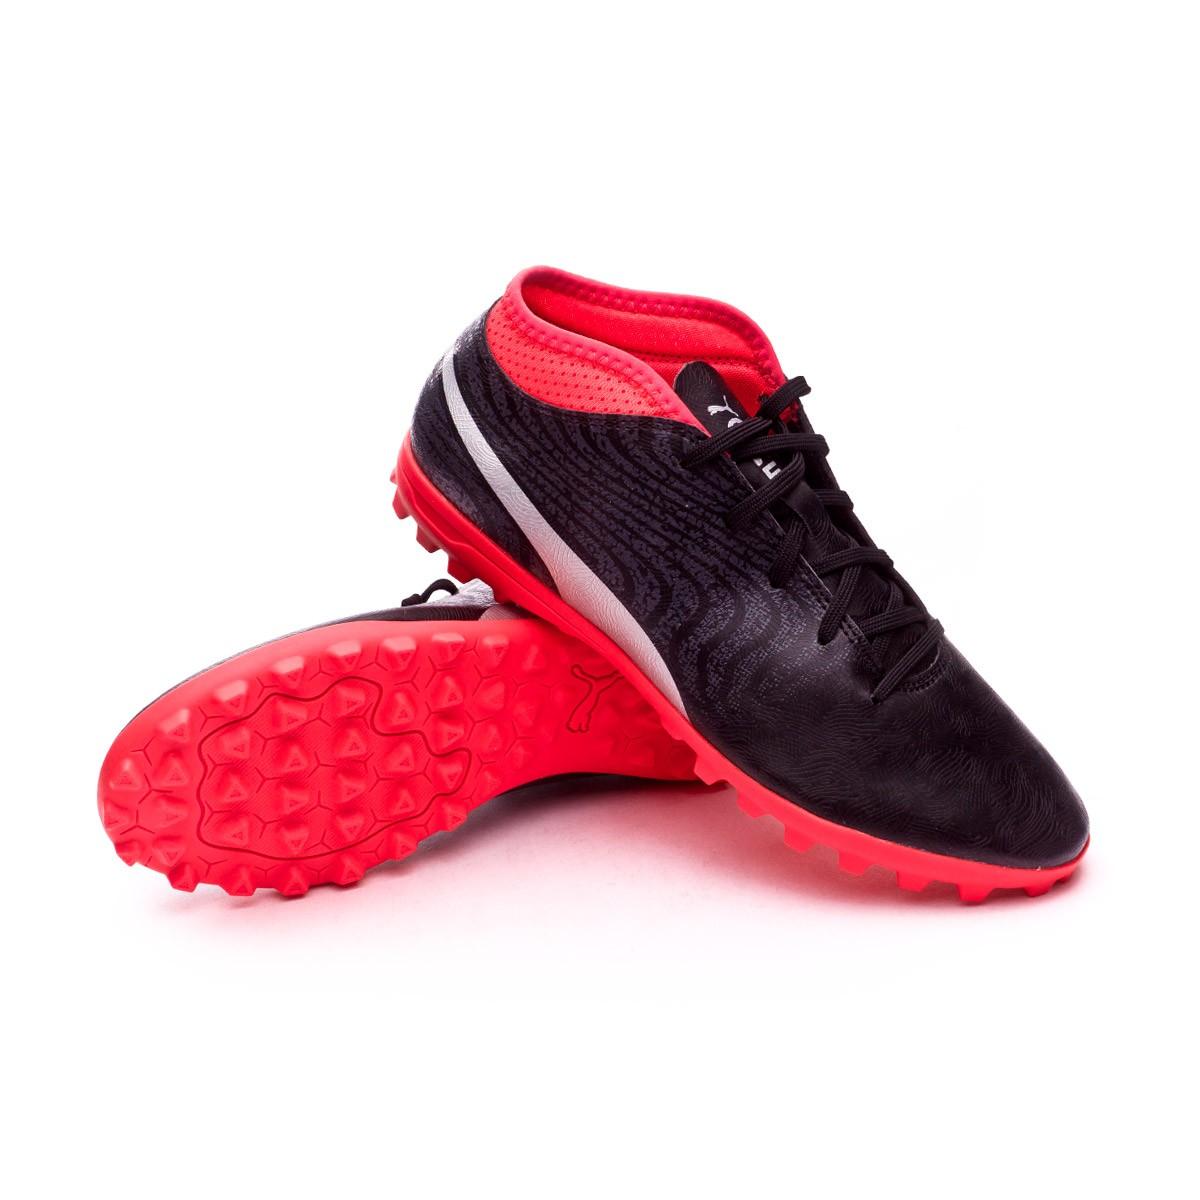 7f1ba2b6ce8 Futsal Boot Puma Kids One 18.4 TT Puma Black-Puma Silver-Red Blast ...